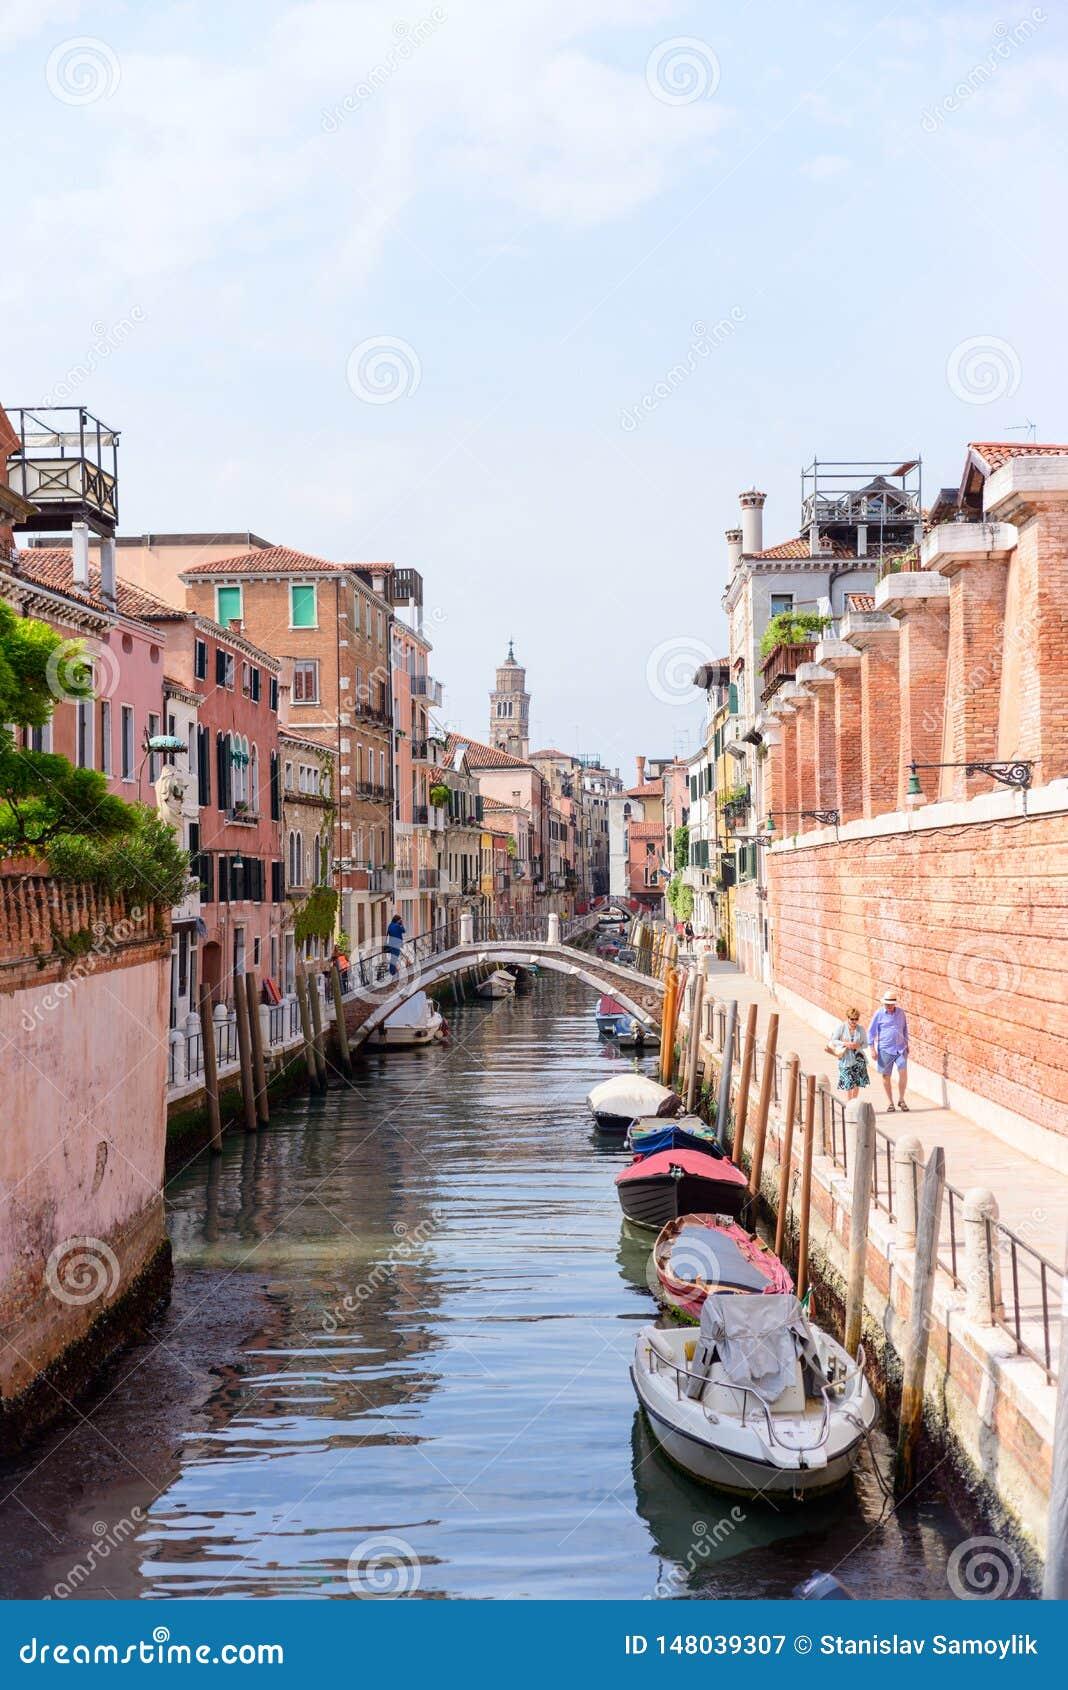 ΒΕΝΕΤΙΑ, ΙΤΑΛΙΑ - ΤΟ ΜΆΙΟ ΤΟΥ 2017: Άποψη του καναλιού οδών στη Βενετία, Ιταλία Ζωηρόχρωμες προσόψεις των παλαιών σπιτιών της Βεν